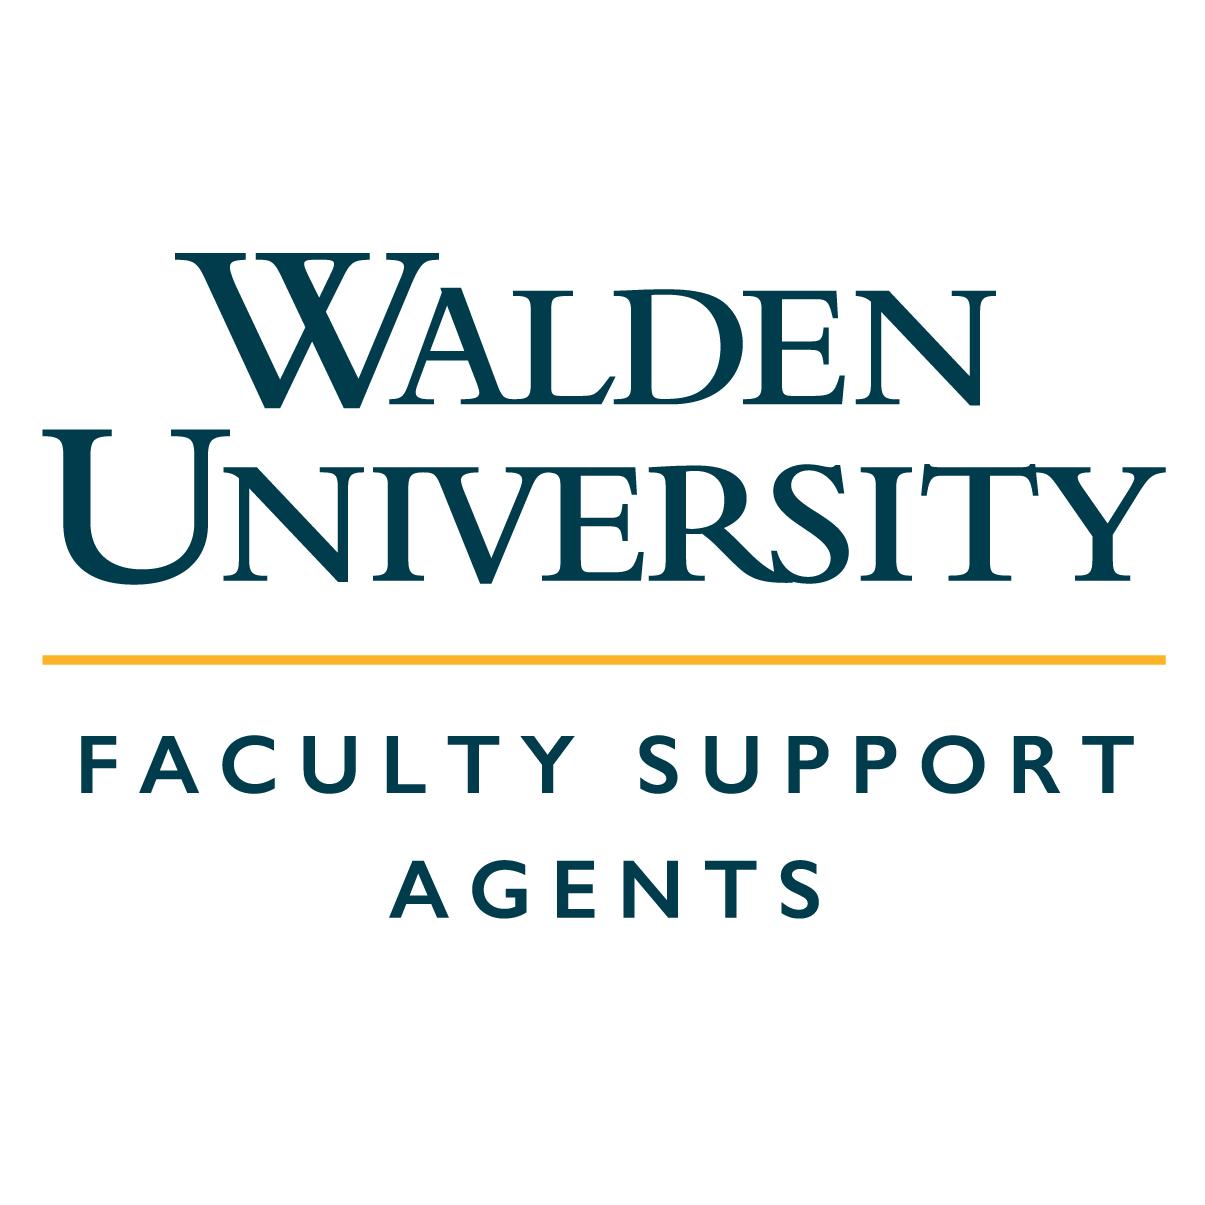 Workshop: Walden Resources